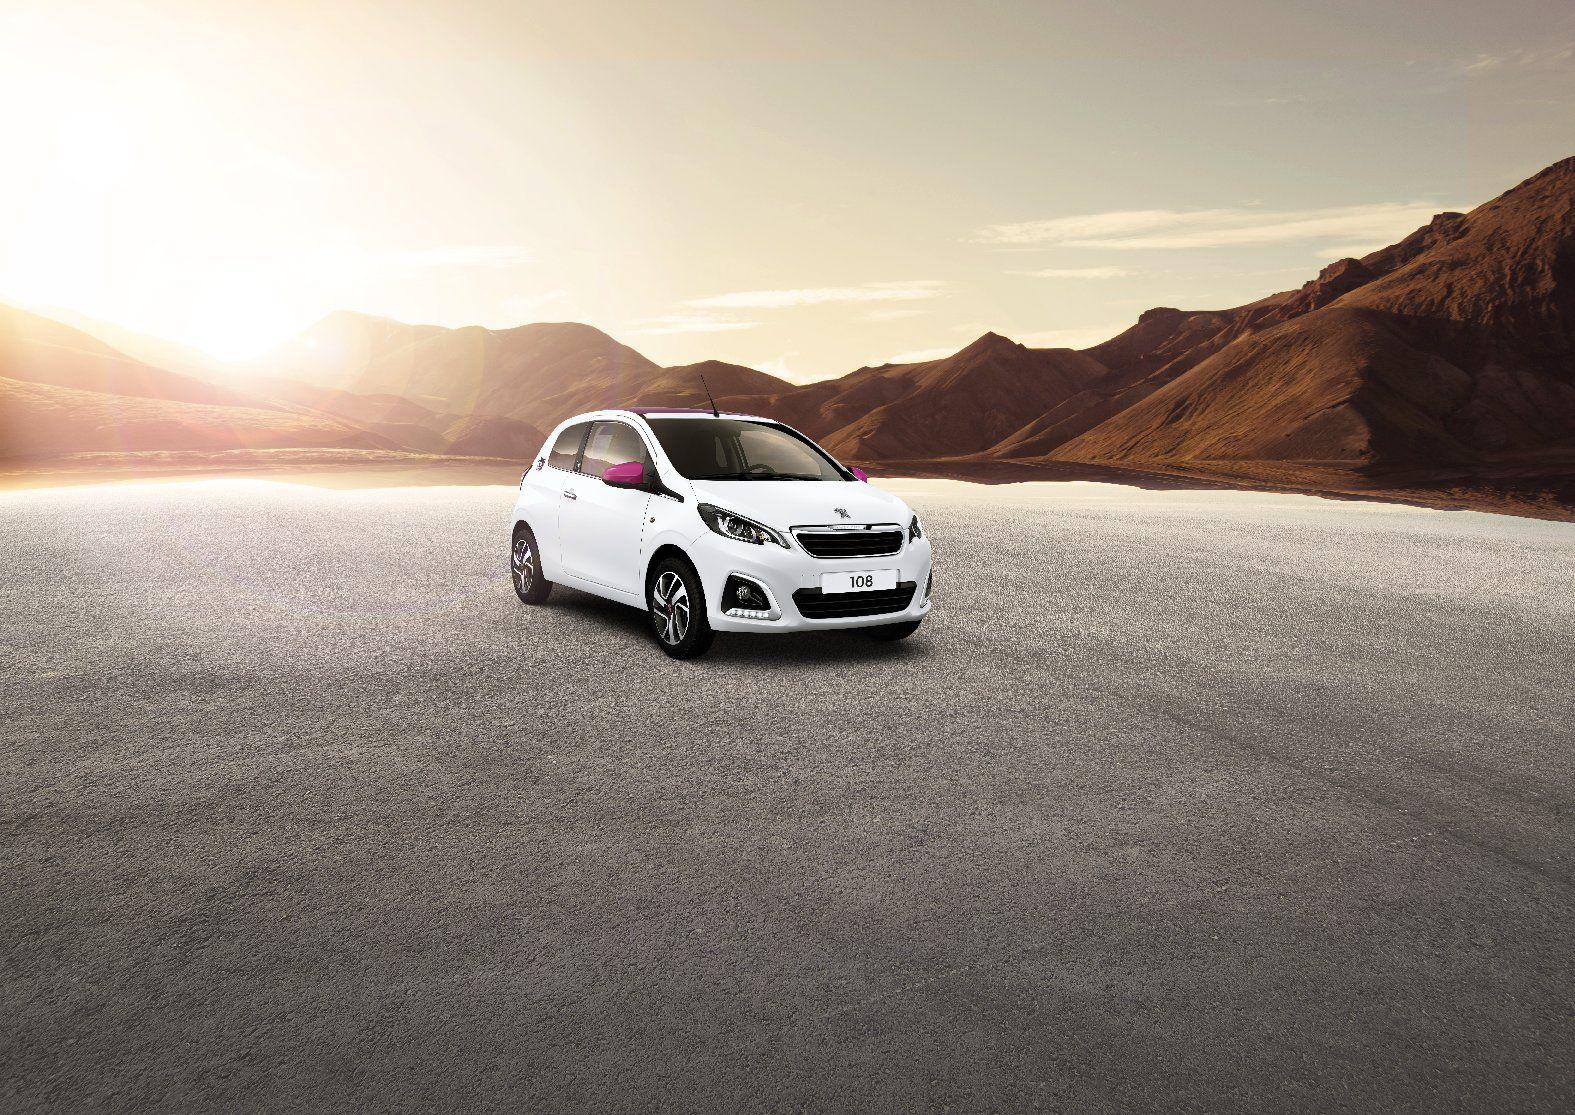 Más potencia y más tecnología para el Peugeot 108